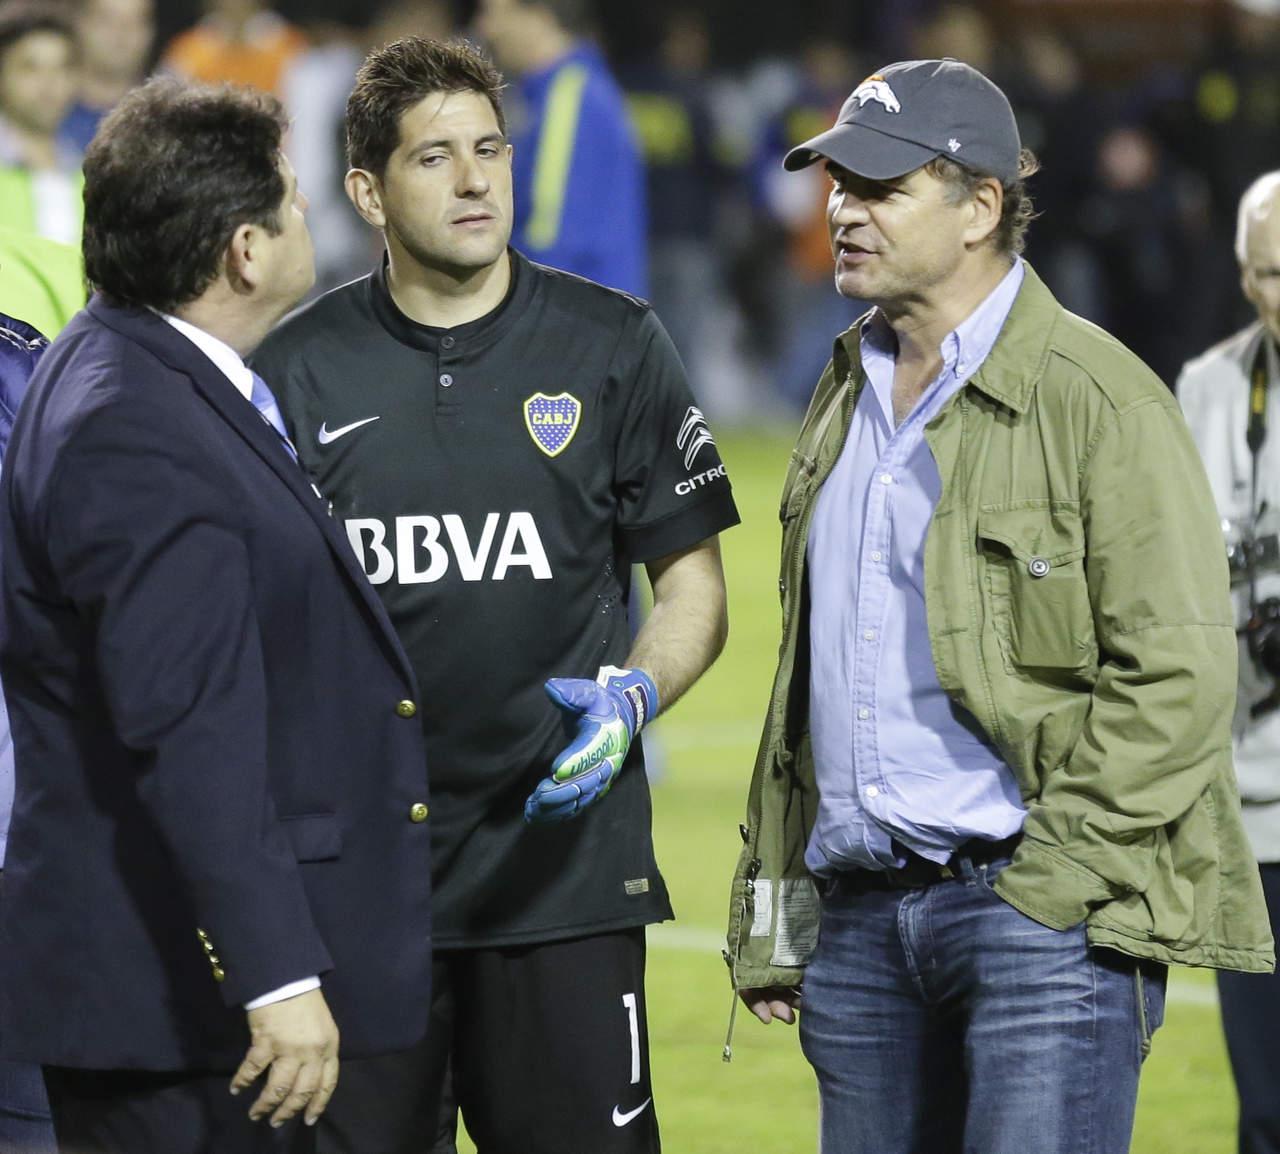 Burzaco: Fox, Televisa y otras compañías pagaron sobornos